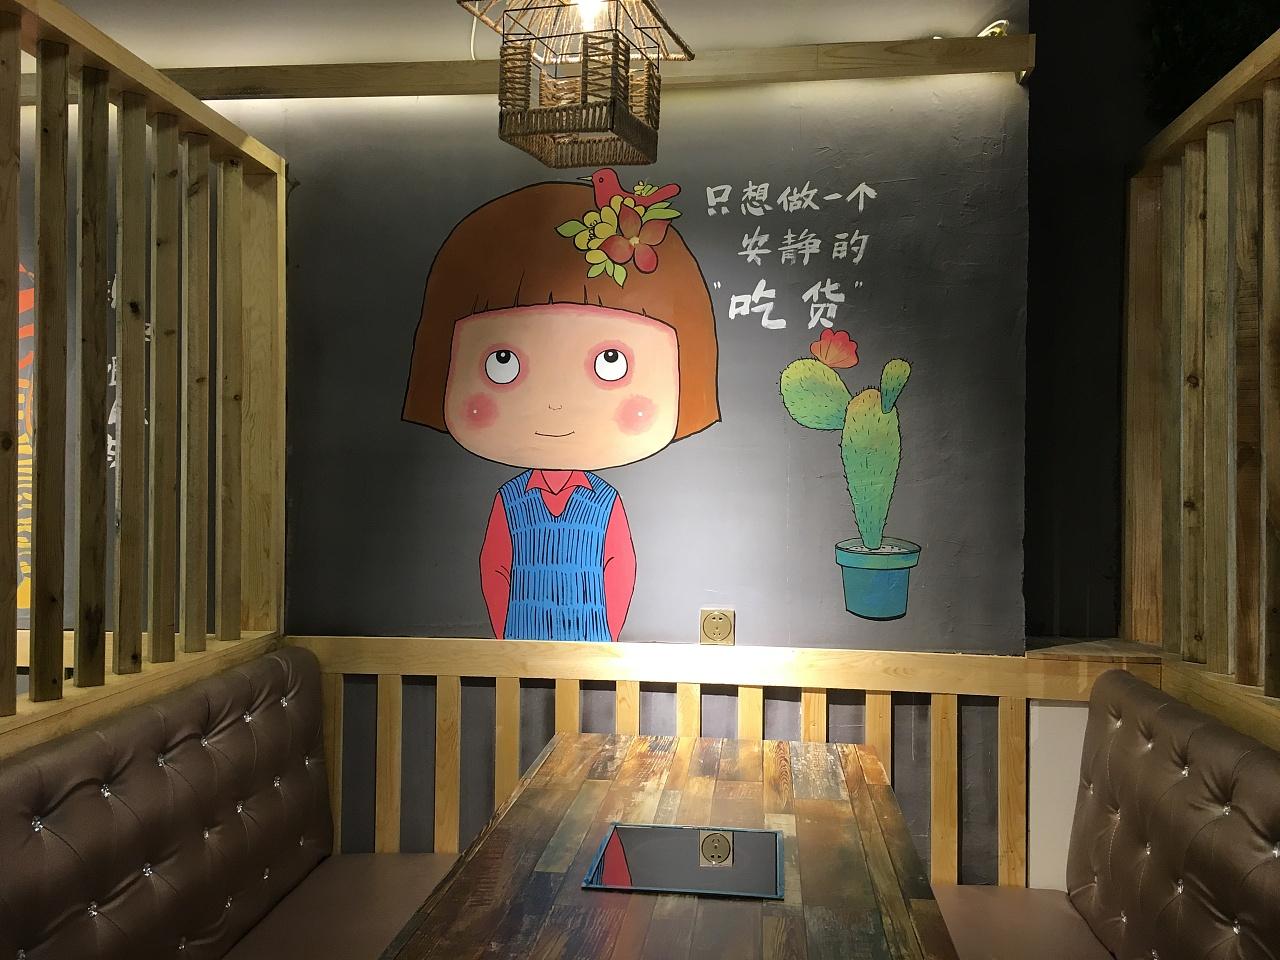 手绘墙  空间 室内设计 张玉国啊哦